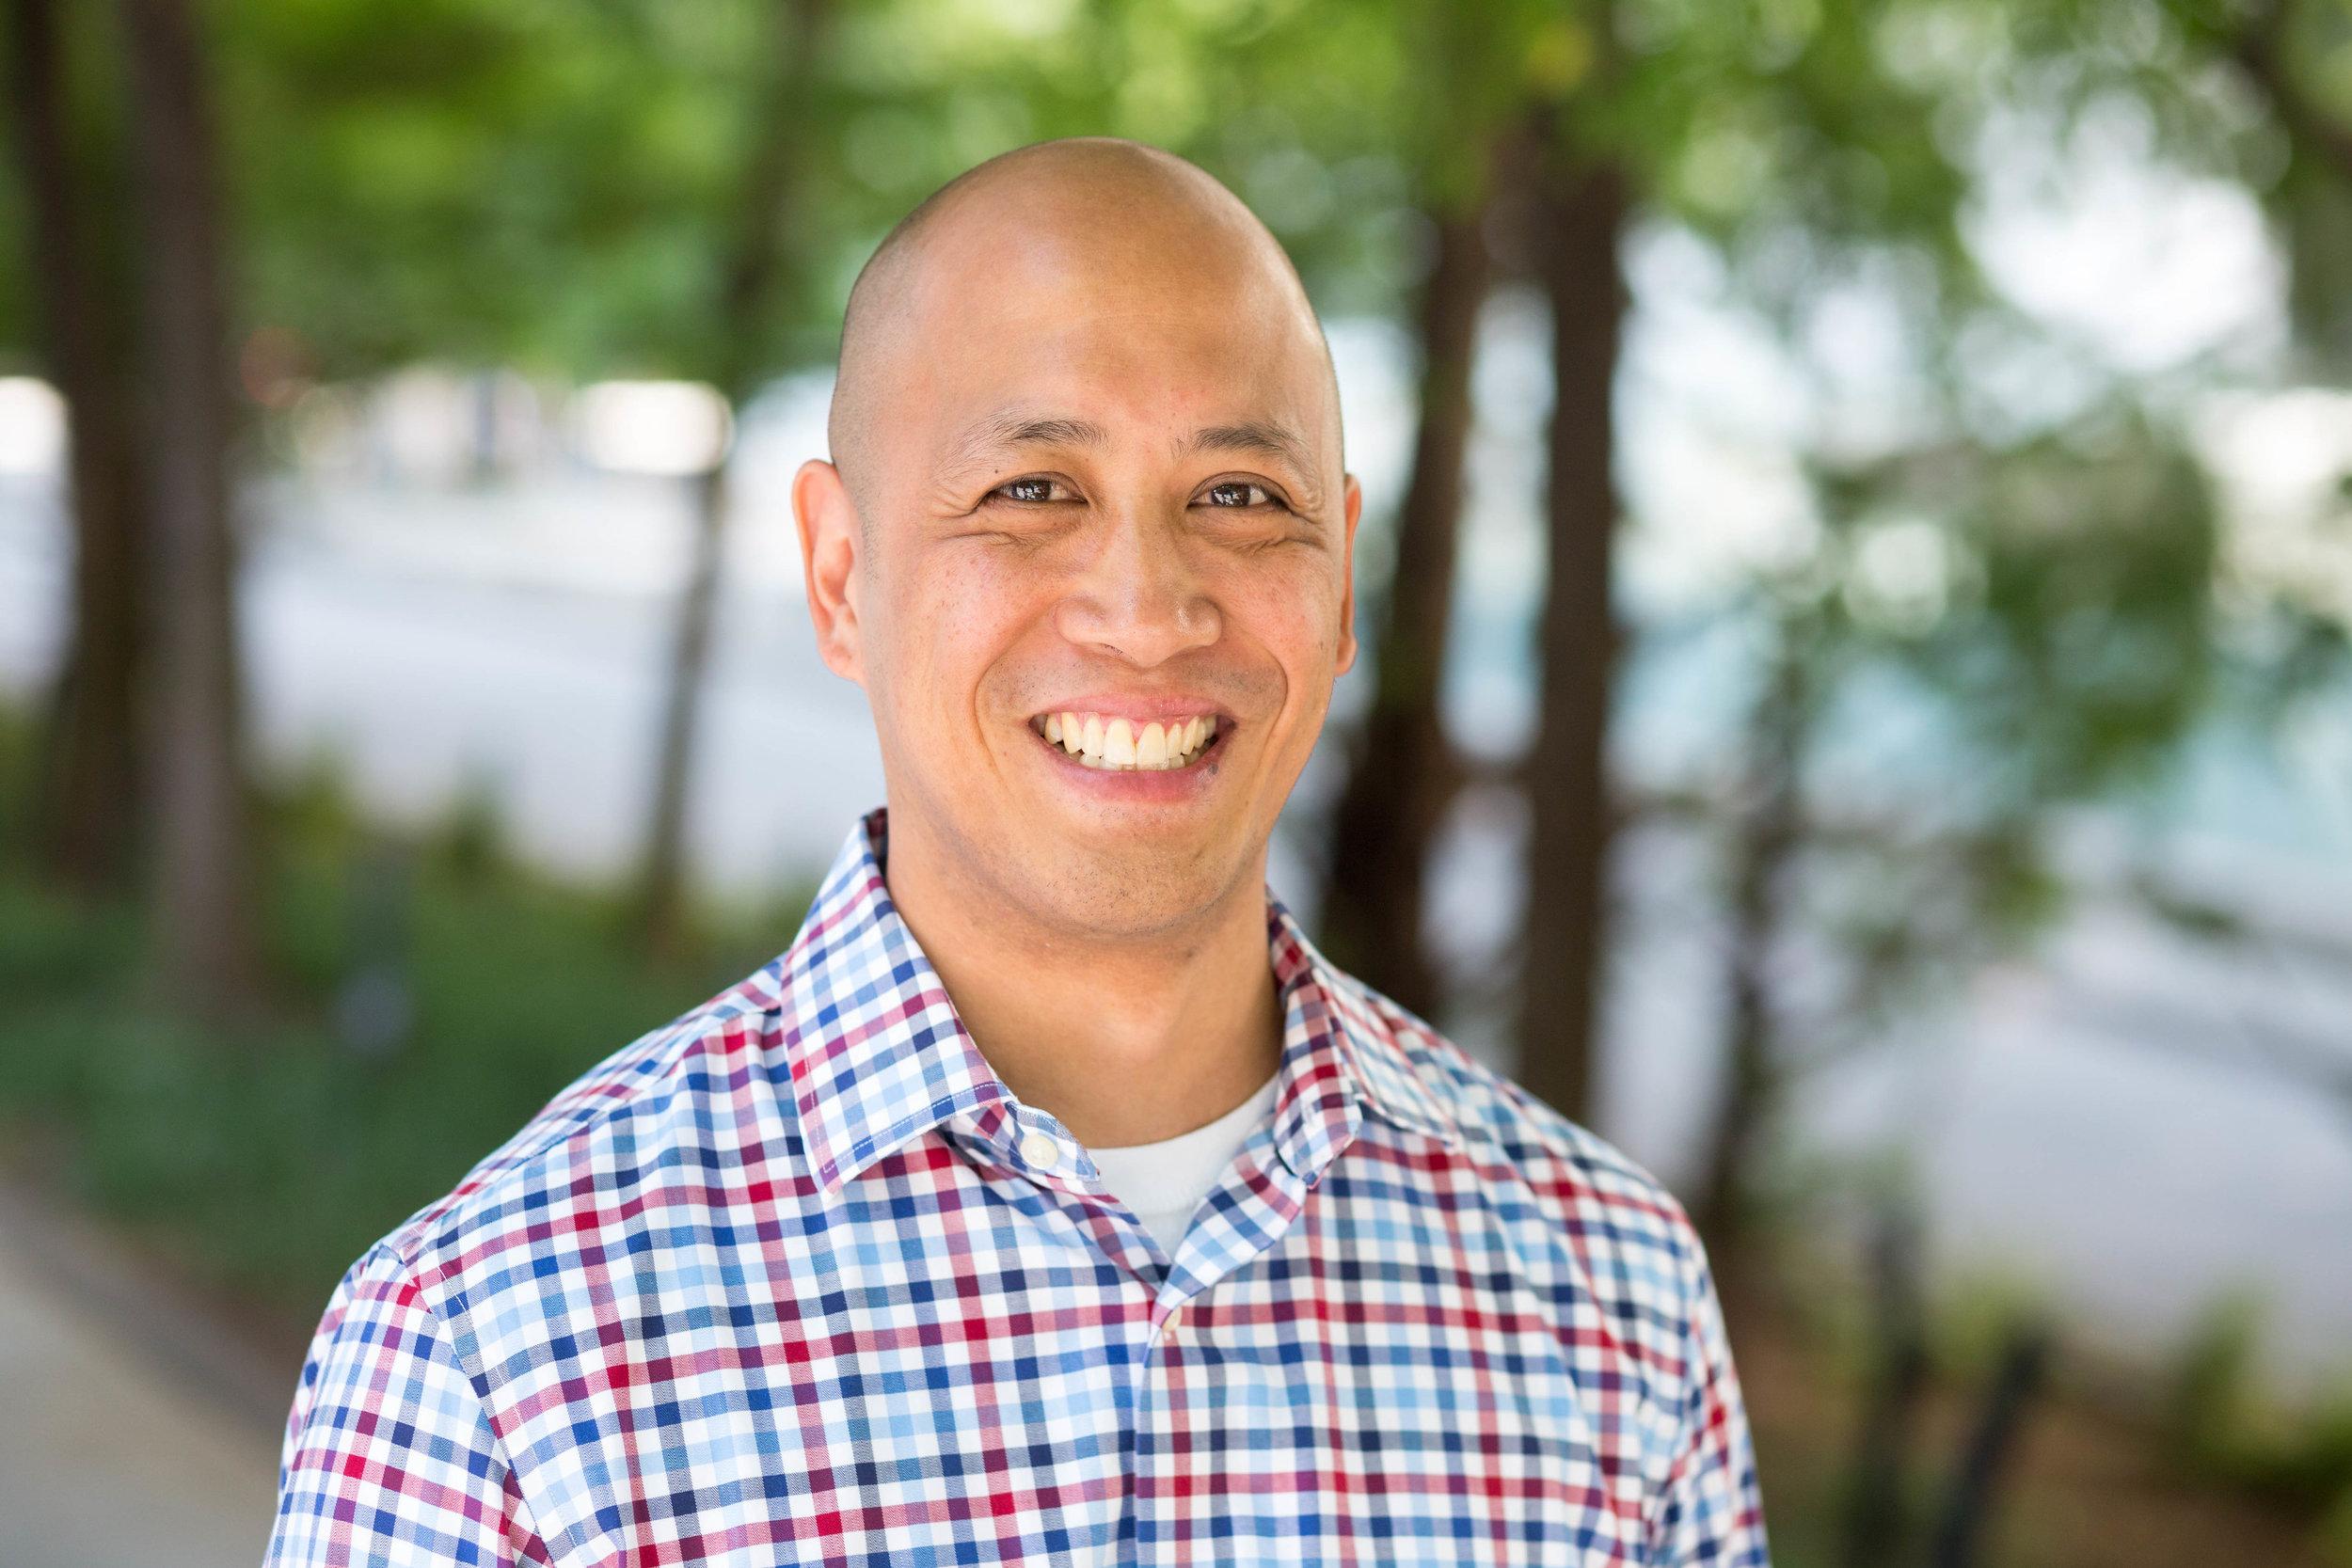 <b>Ed Tan</b><strong><a href=mailto:etan@ganer.com>etan@ganer.com</a></strong><i><a href=/ed-tan>READ BIO</a></i>